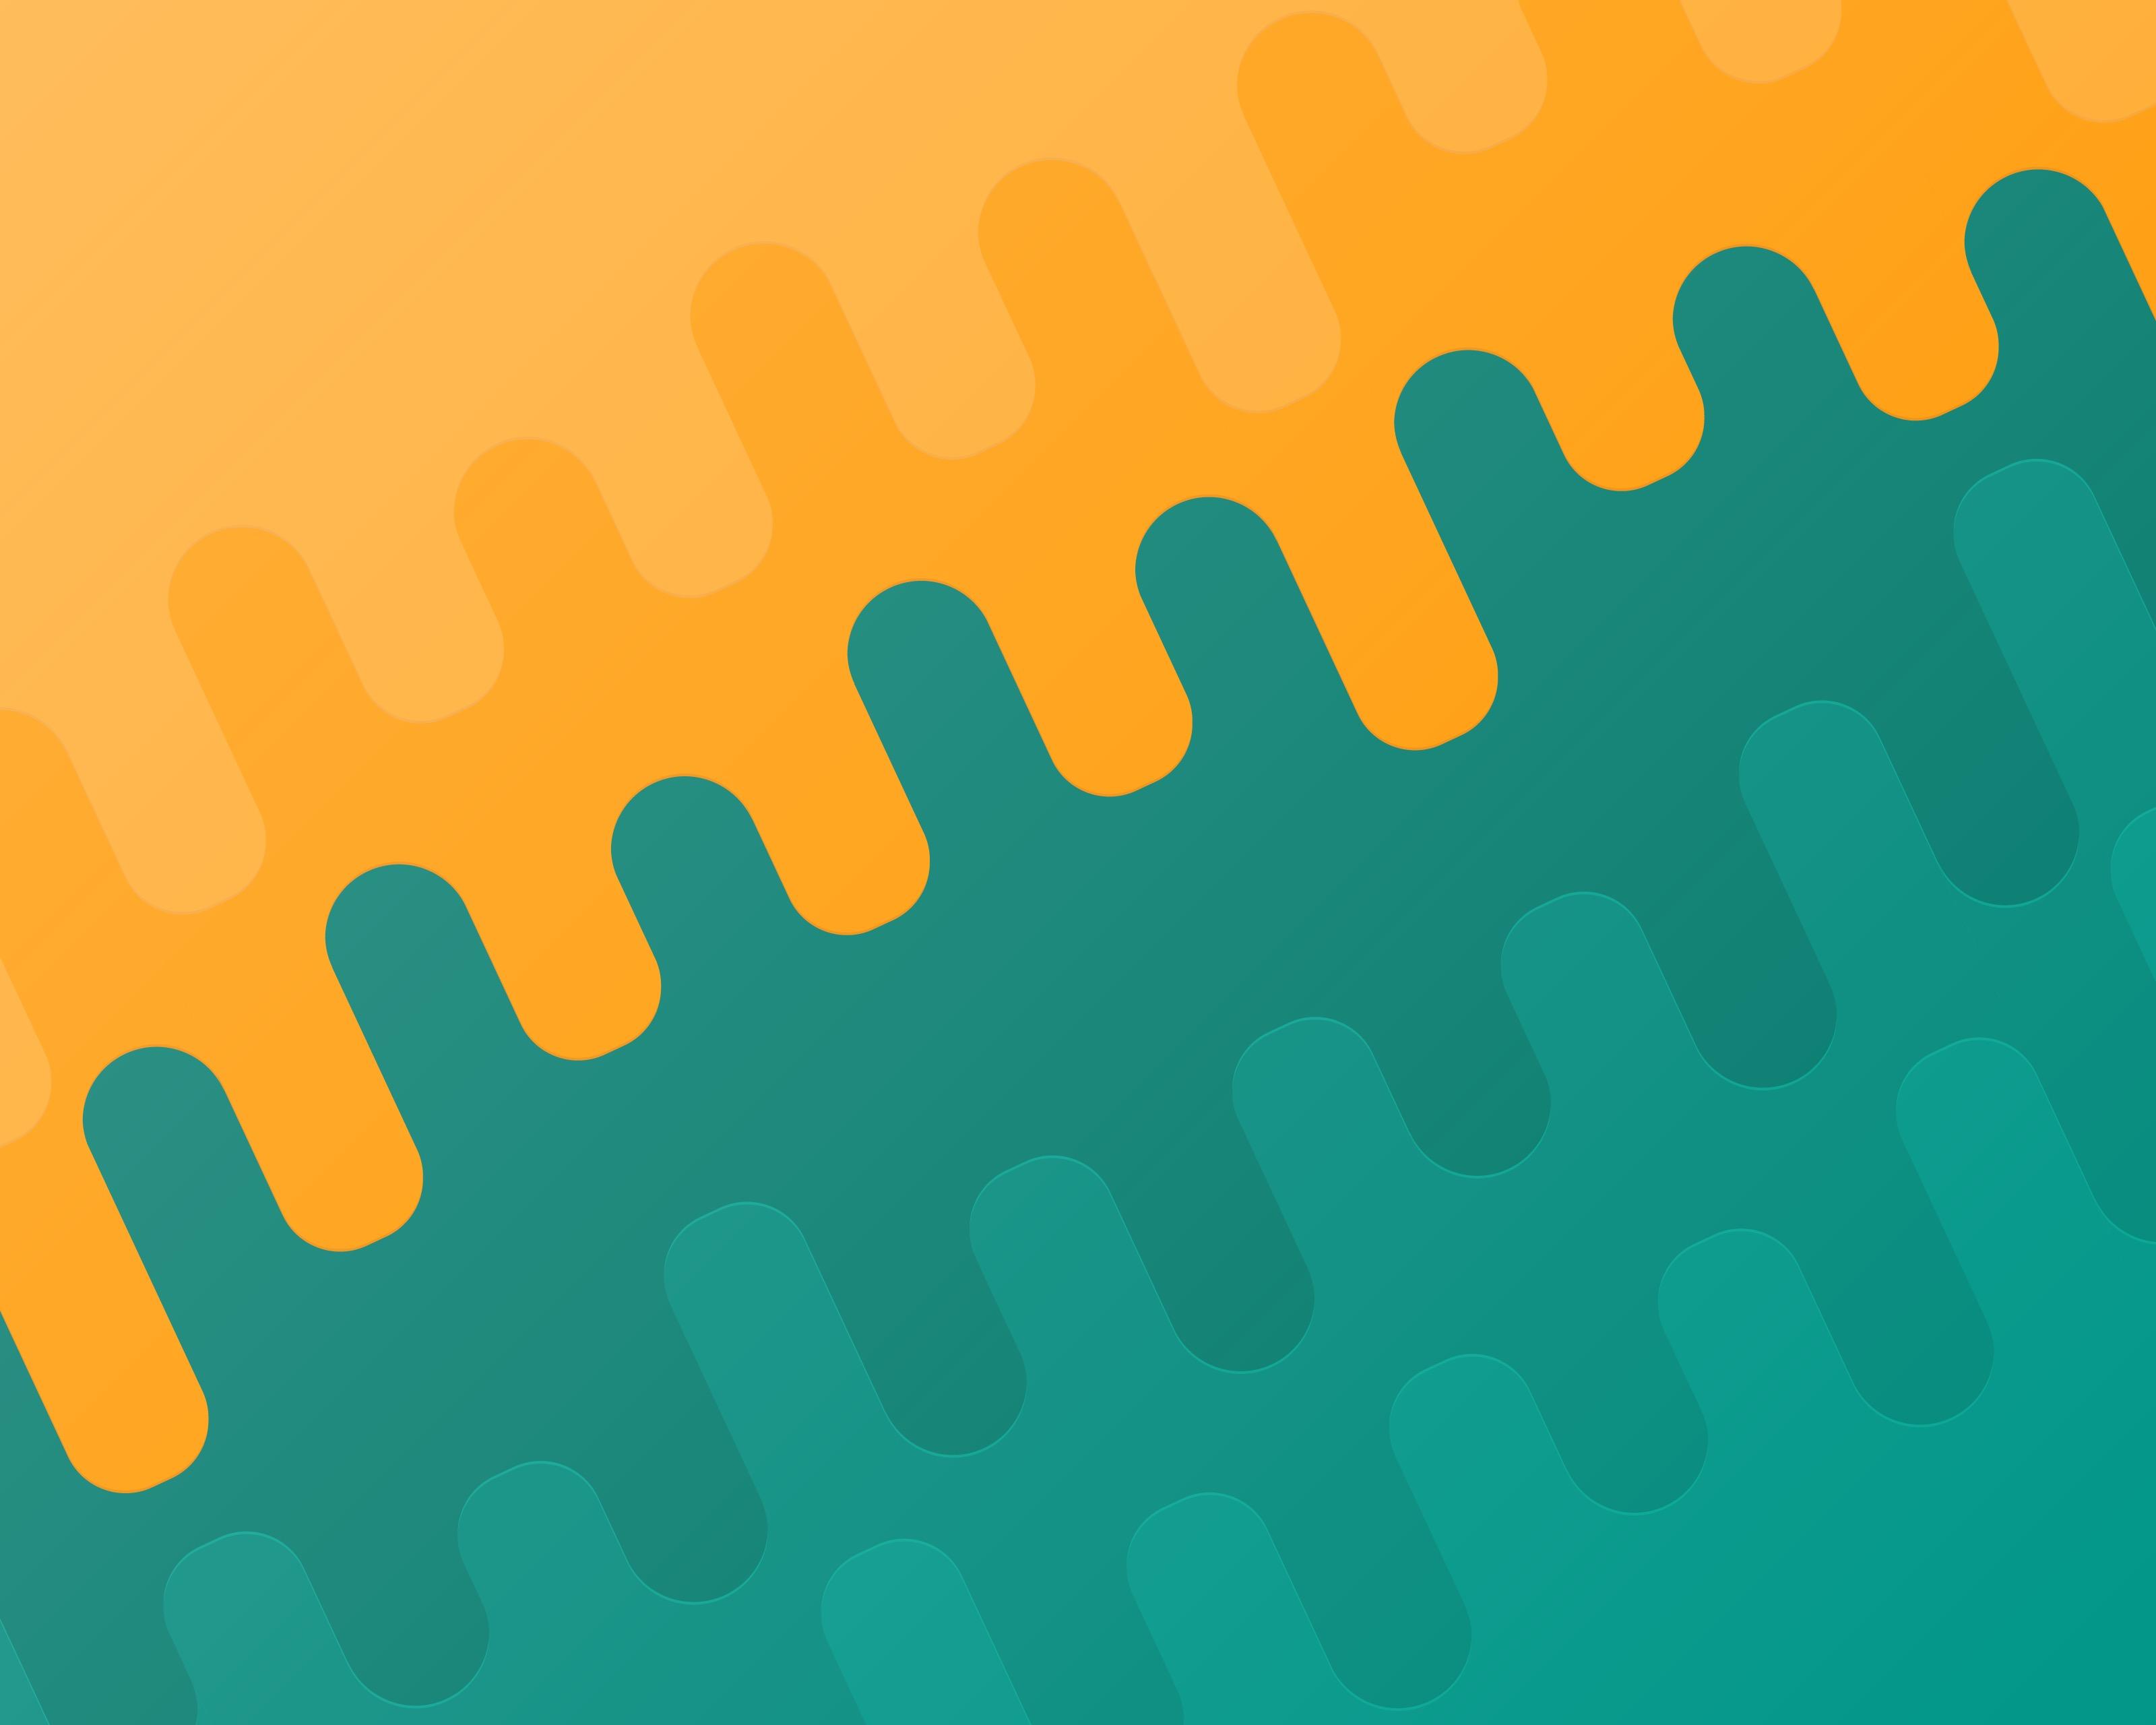 Wallpaper Wednesday Material Design Sammobile Sammobile